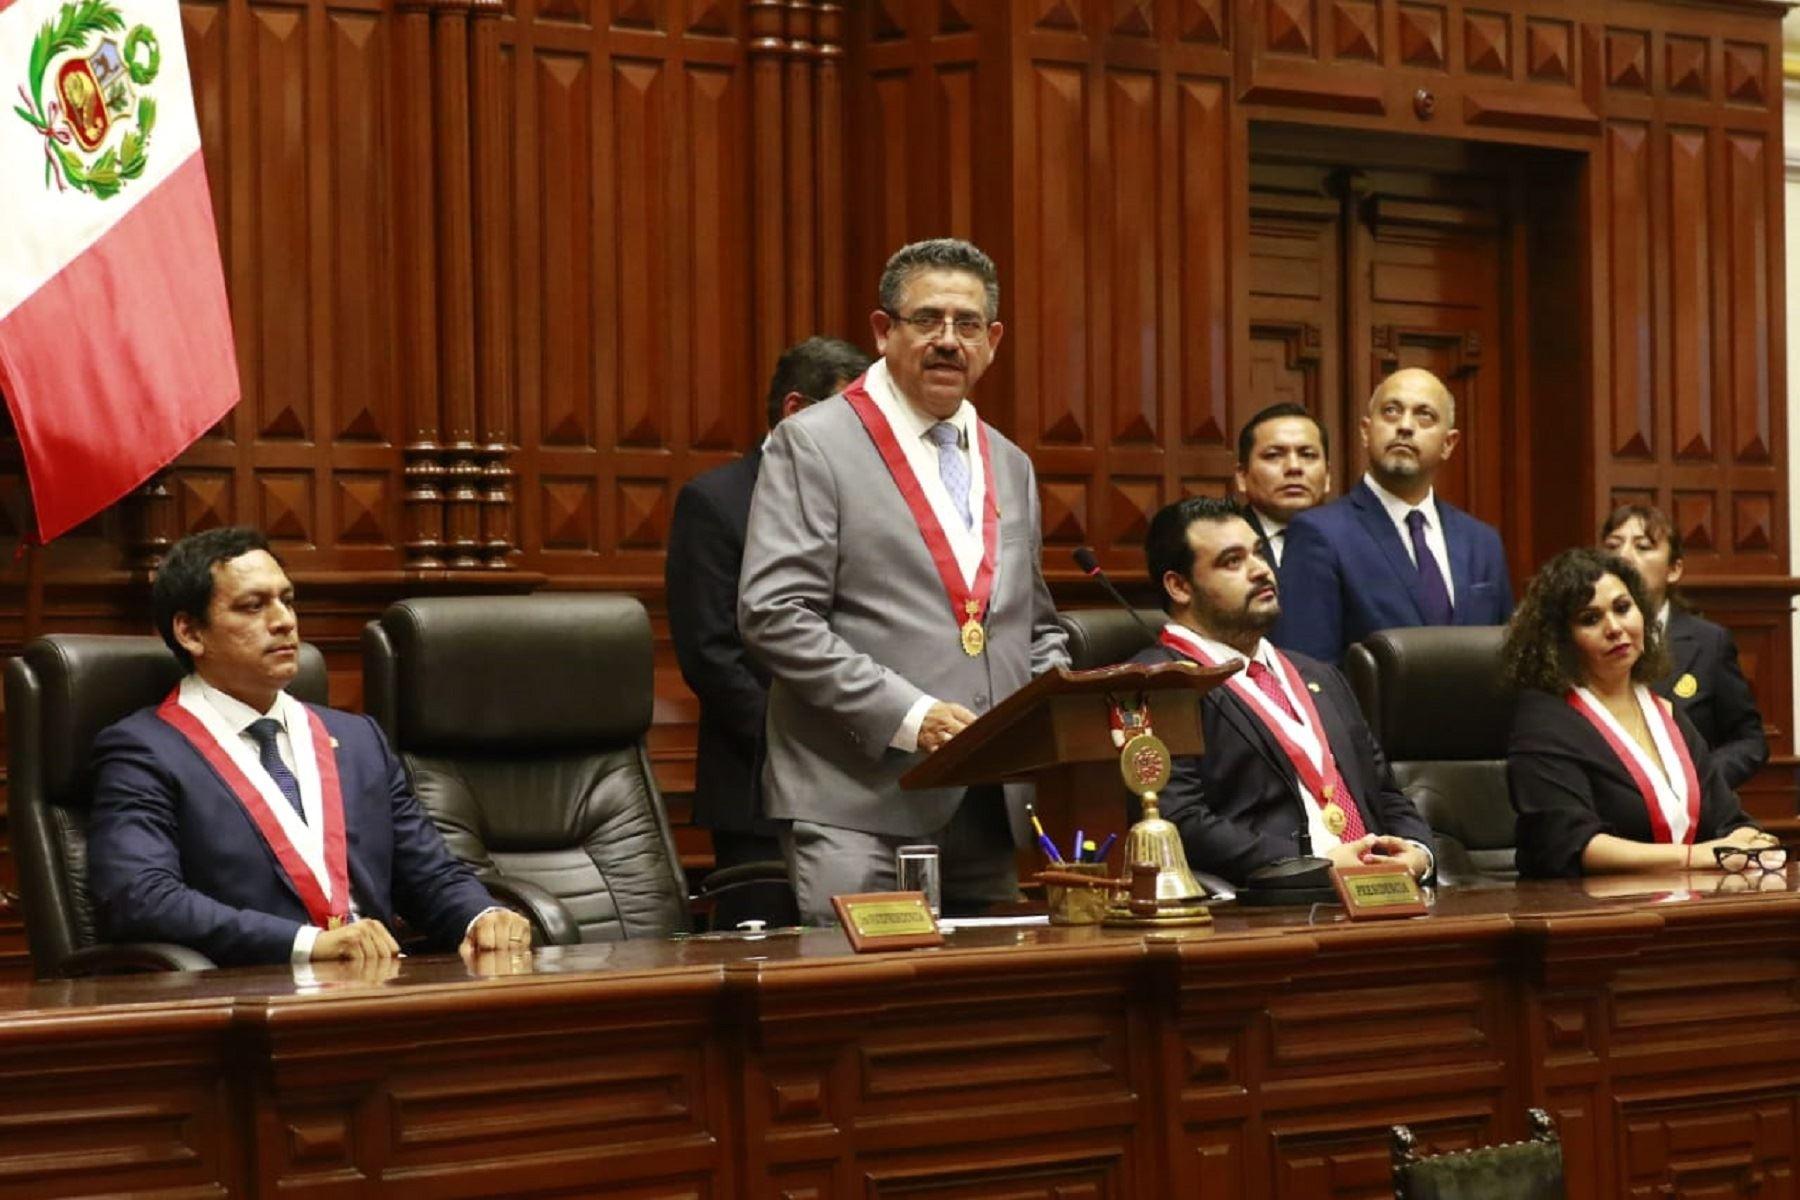 Manuel Merino de Lama preside la Mesa Directiva del Congreso. ANDINA/Difusión